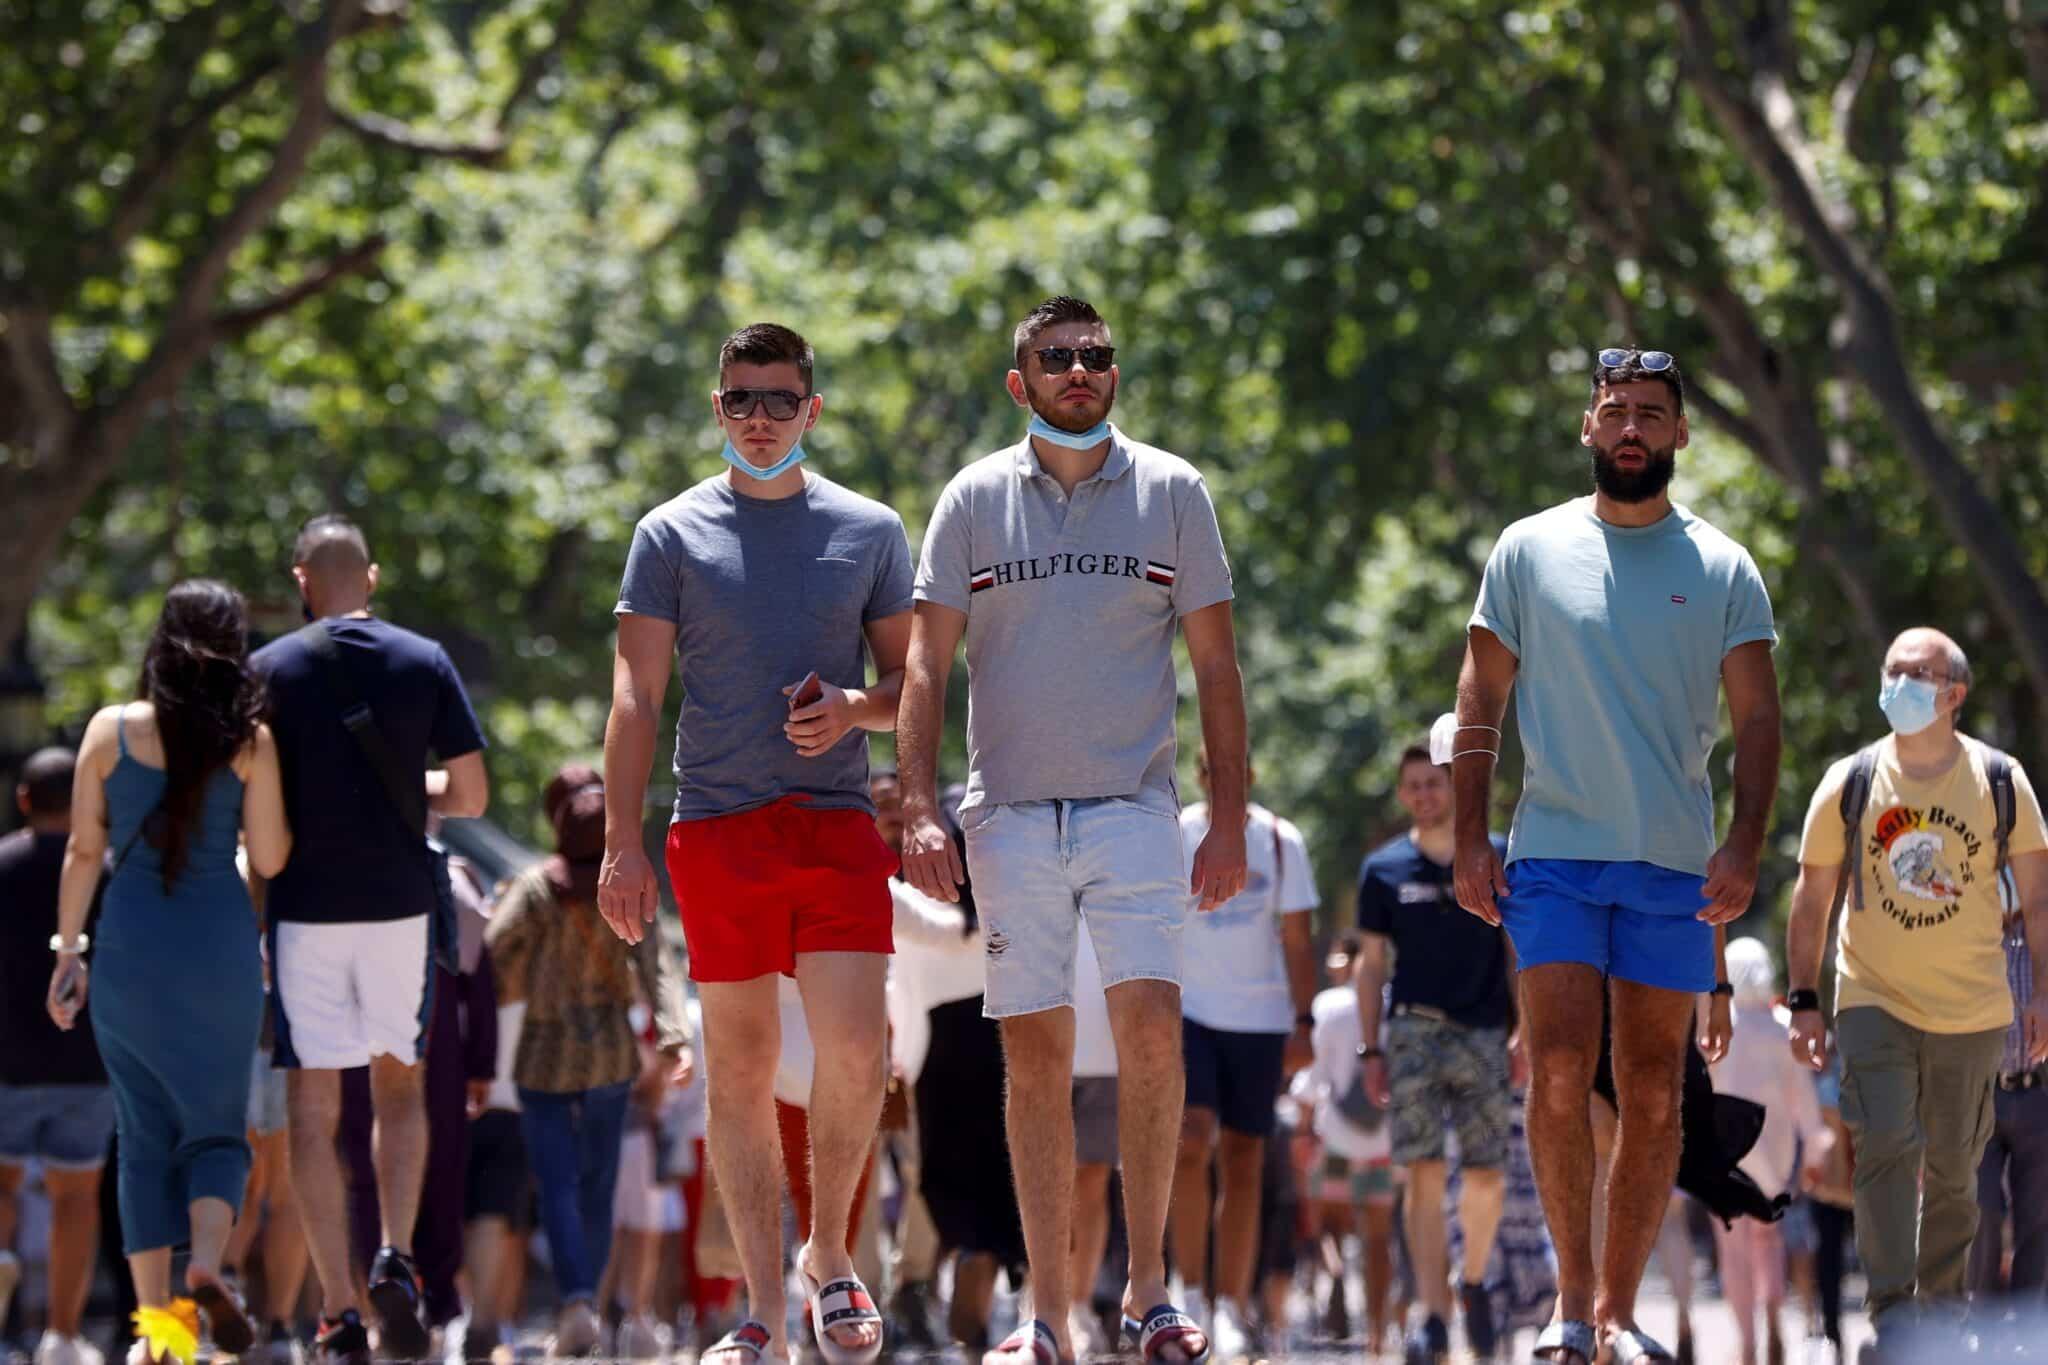 Ambiente en la Rambla de Barcelona este sábado, primer día que no es obligatorio el uso de mascarillas en exteriores.